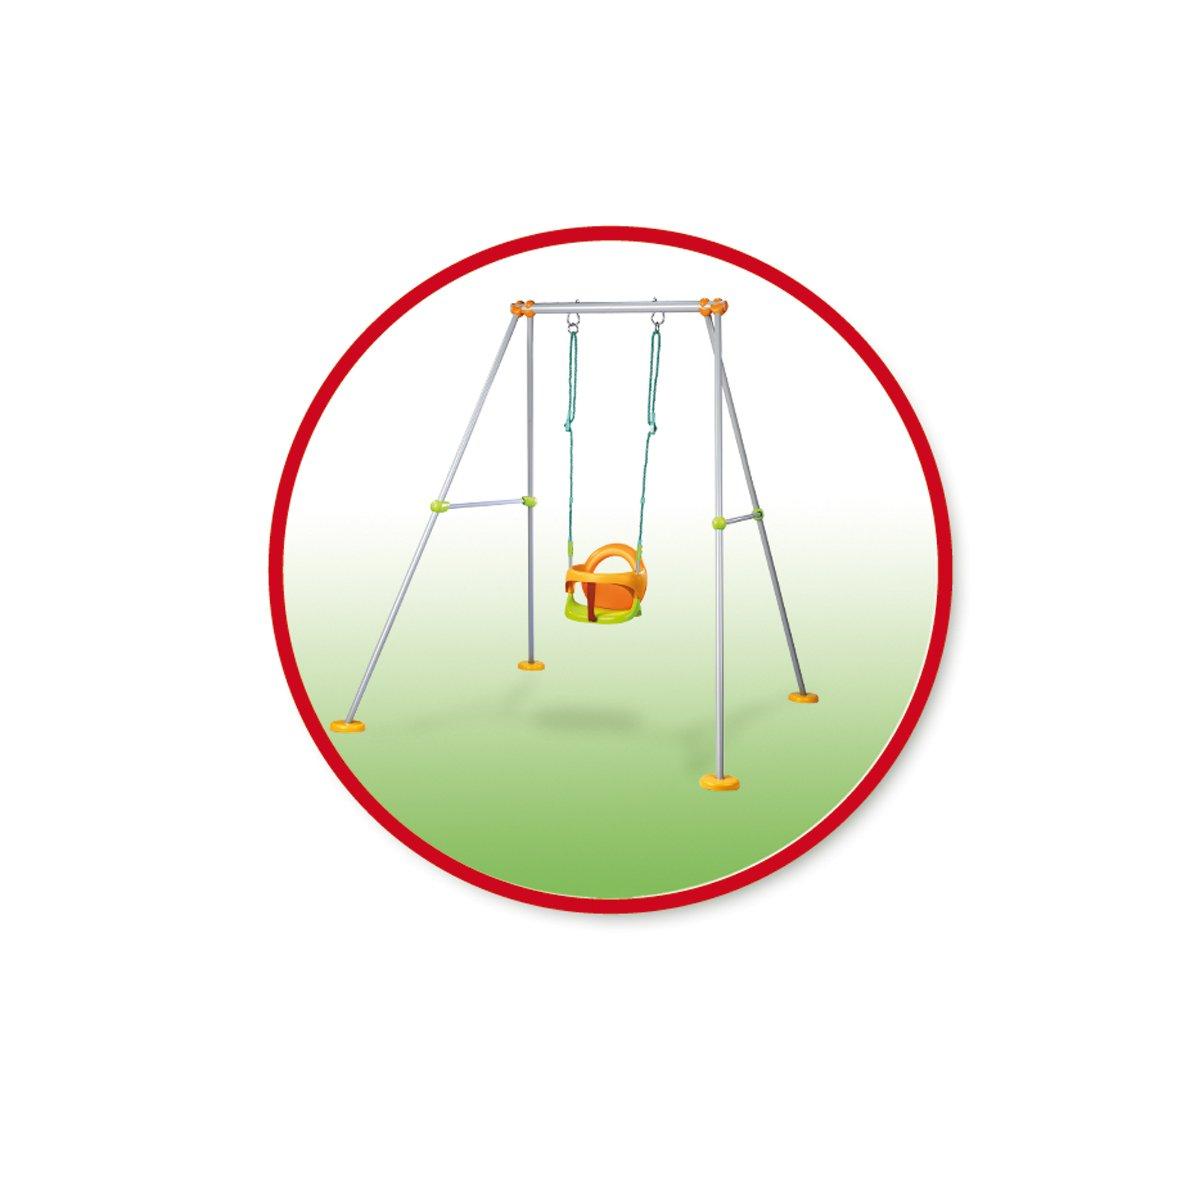 Jeu de Plein Air Si/ège Evolutif 2 en 1-180 cm Portique M/étal Plus 310191 Smoby